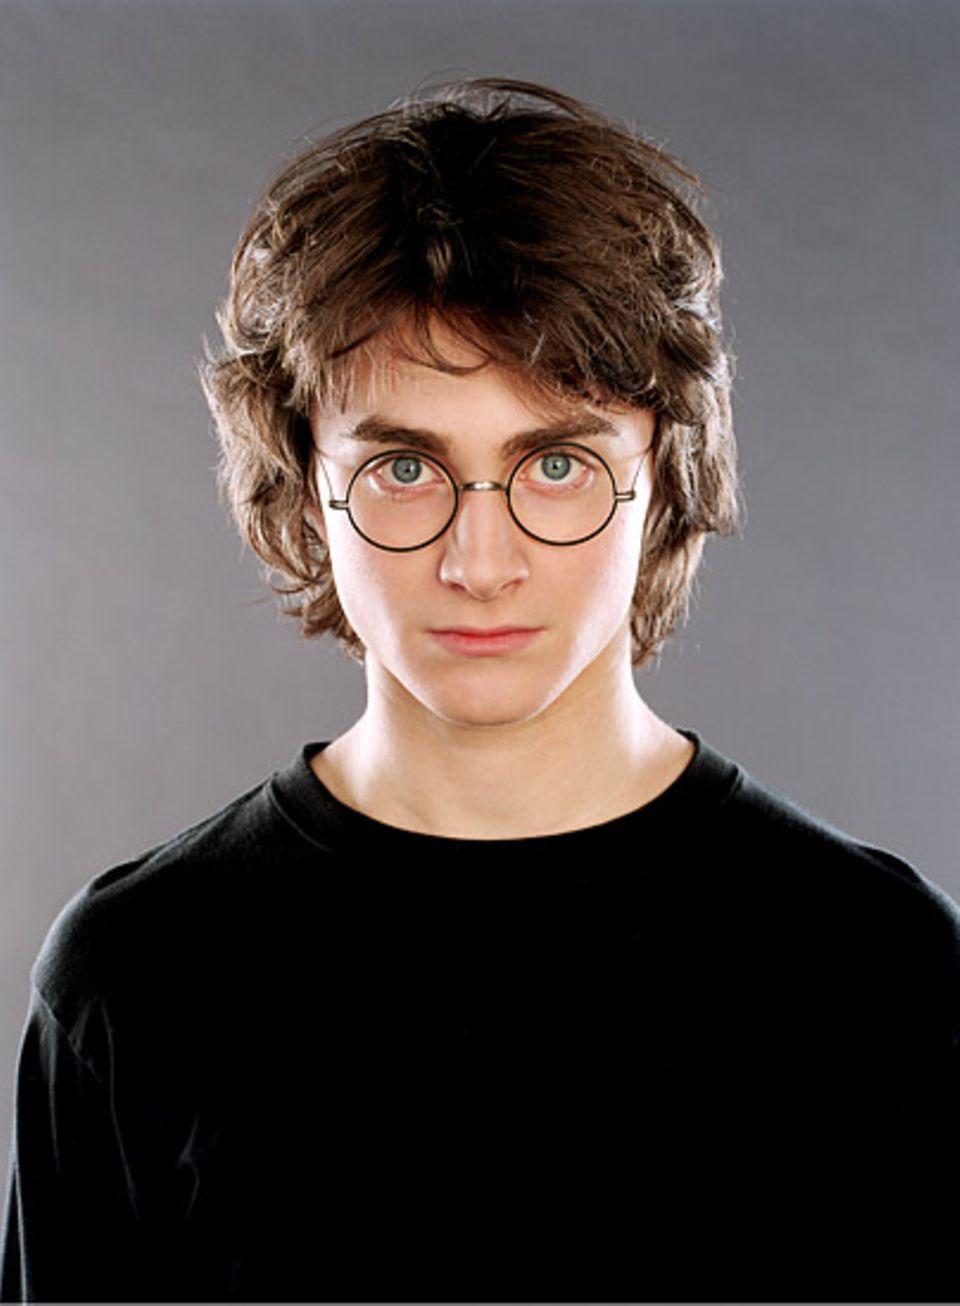 Harry Potter Filme Wer Harry Und Hermine Spielt Geolino